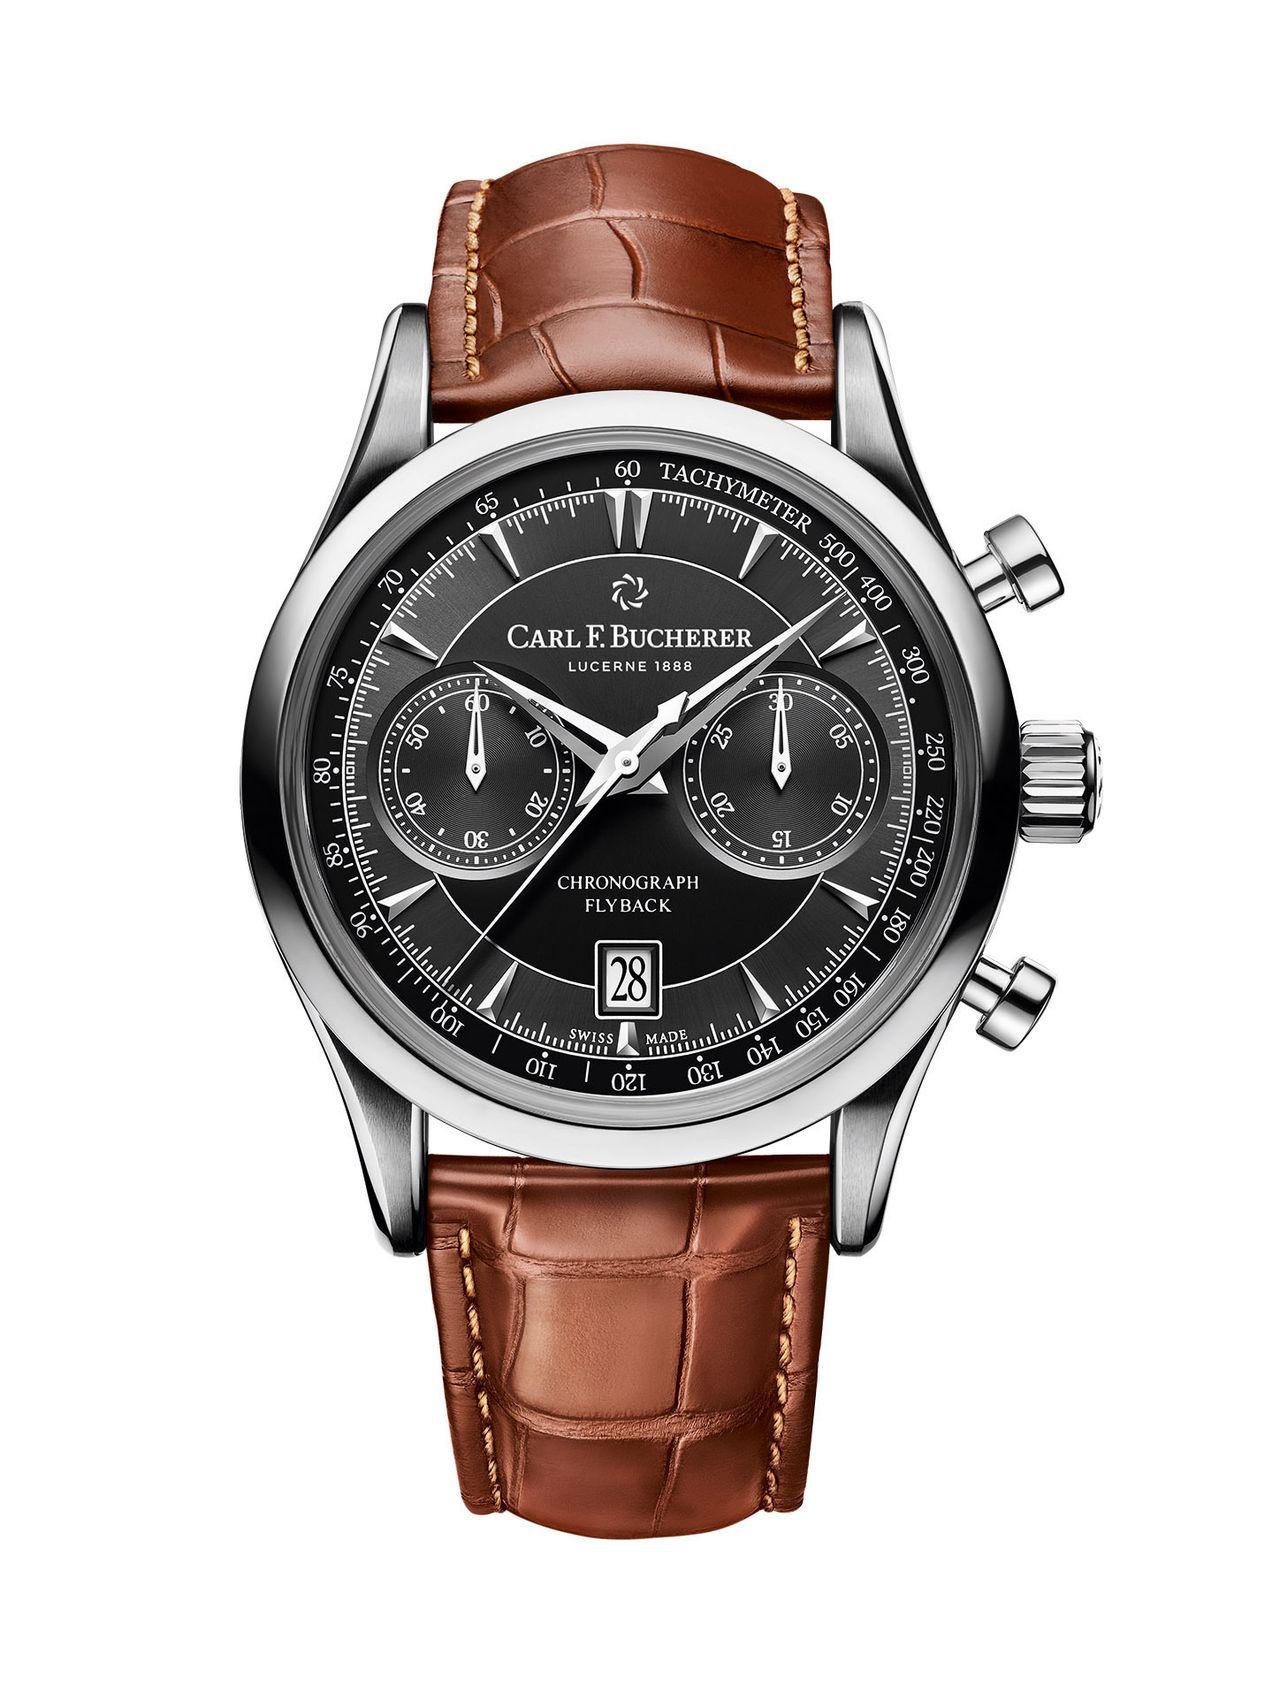 Carl F. Bucherer Manero Flyback Chronograph - egy klasszikus megjelenés